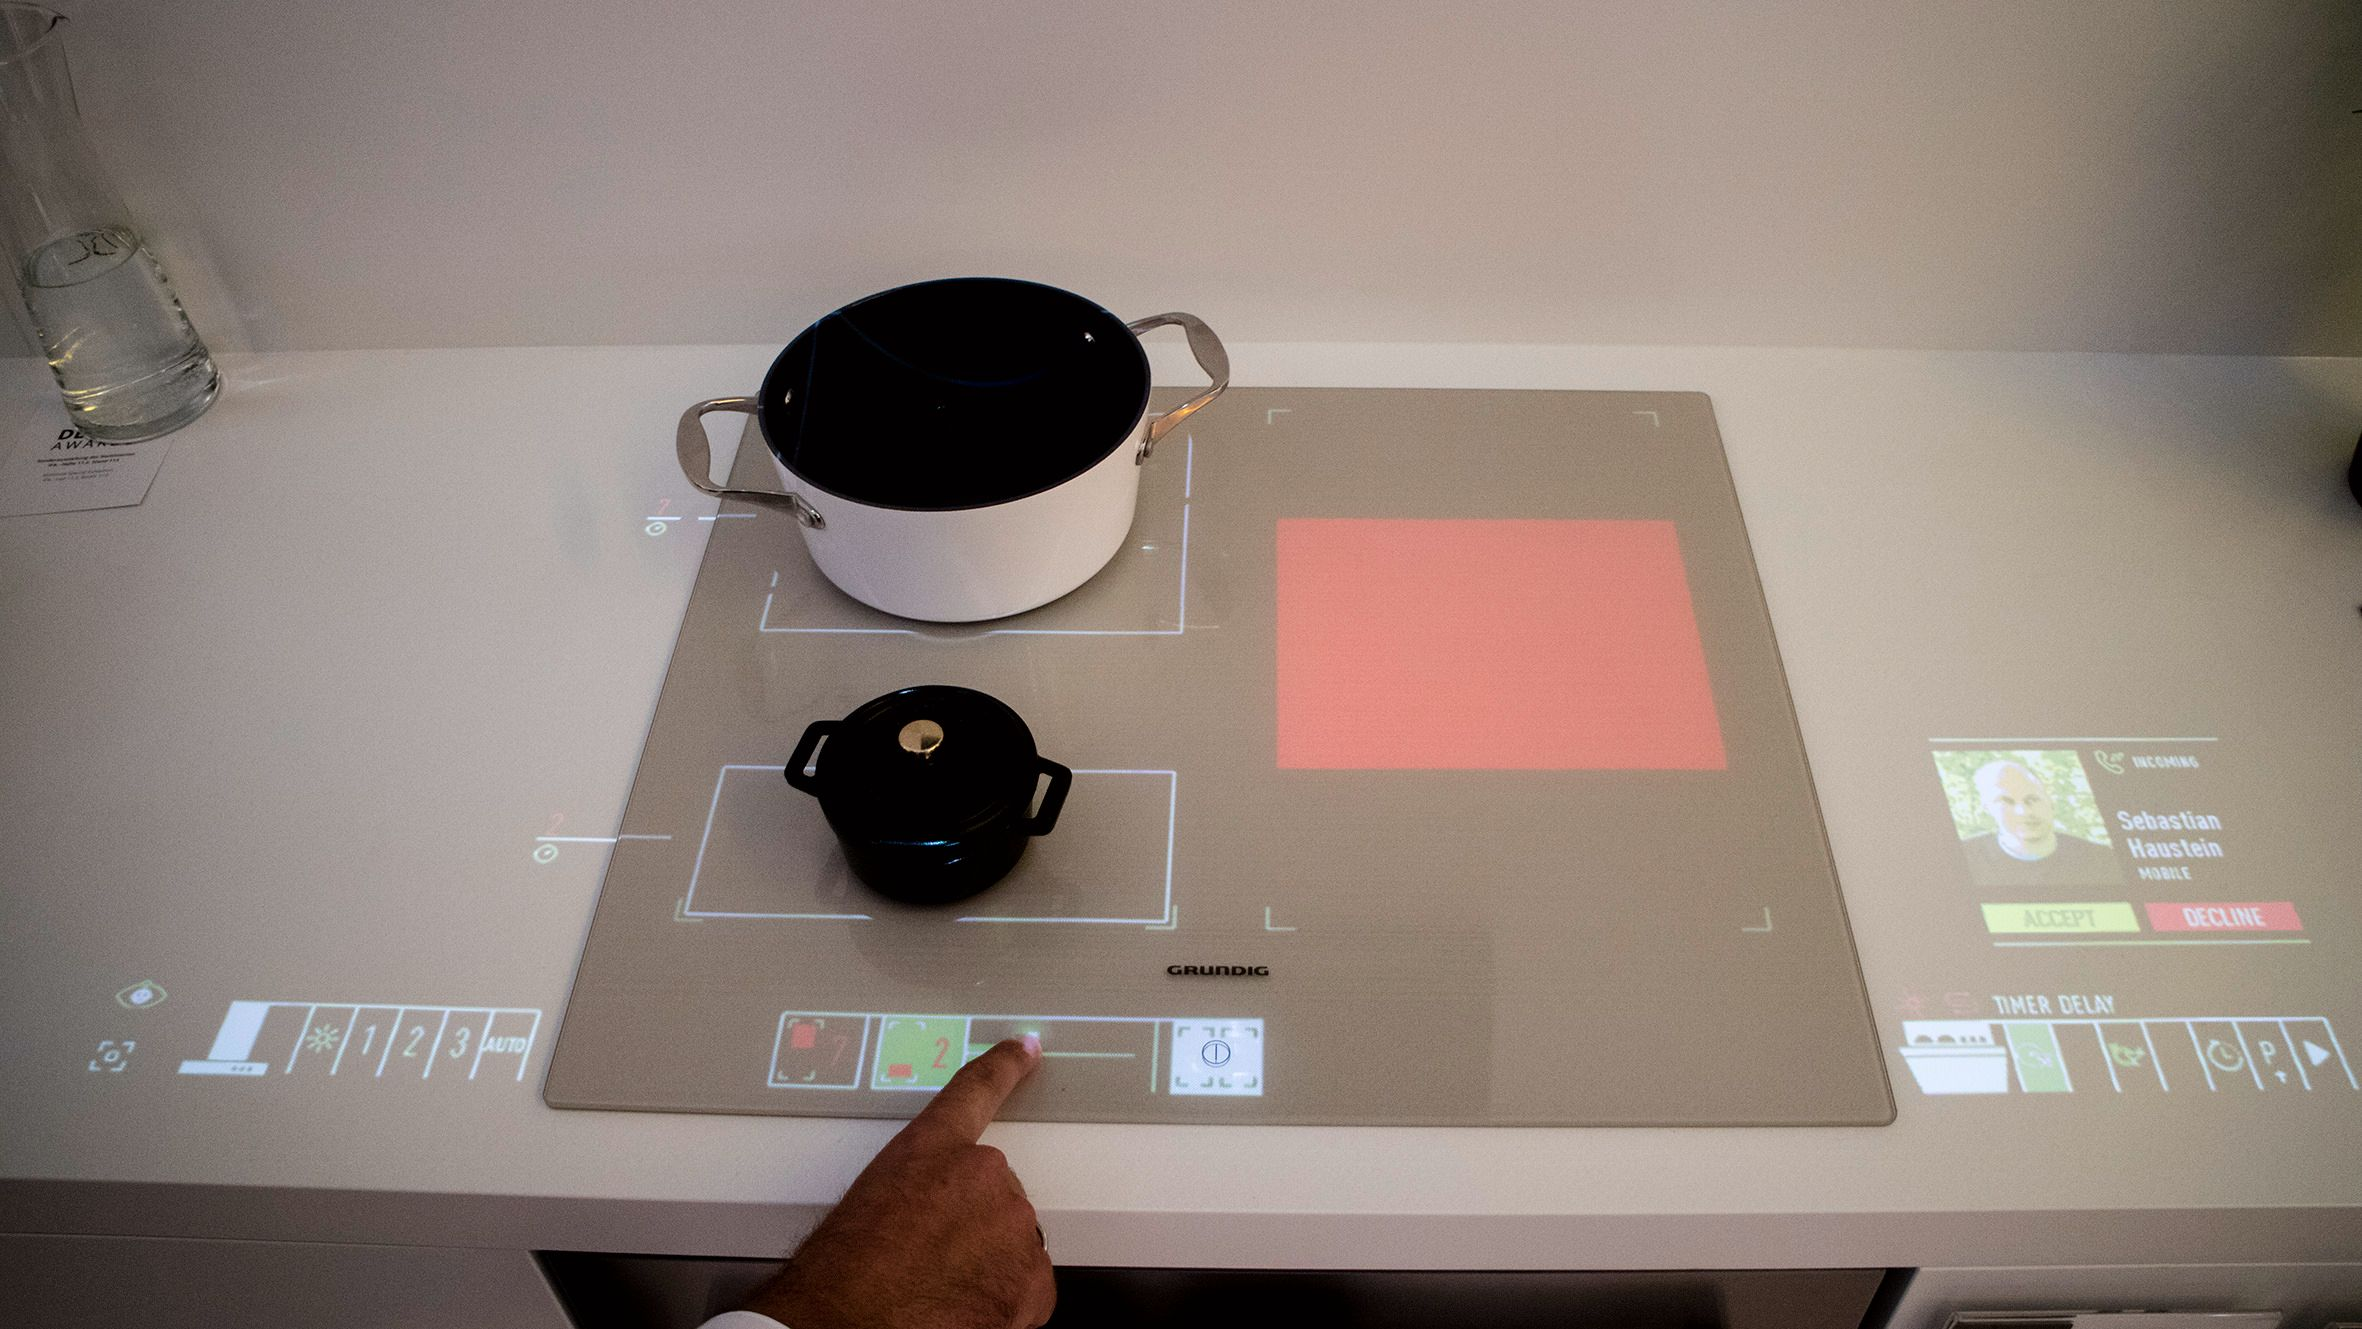 Hvorfor ikke gjøre hele kjøkkenbenken til en diger touchskjerm?